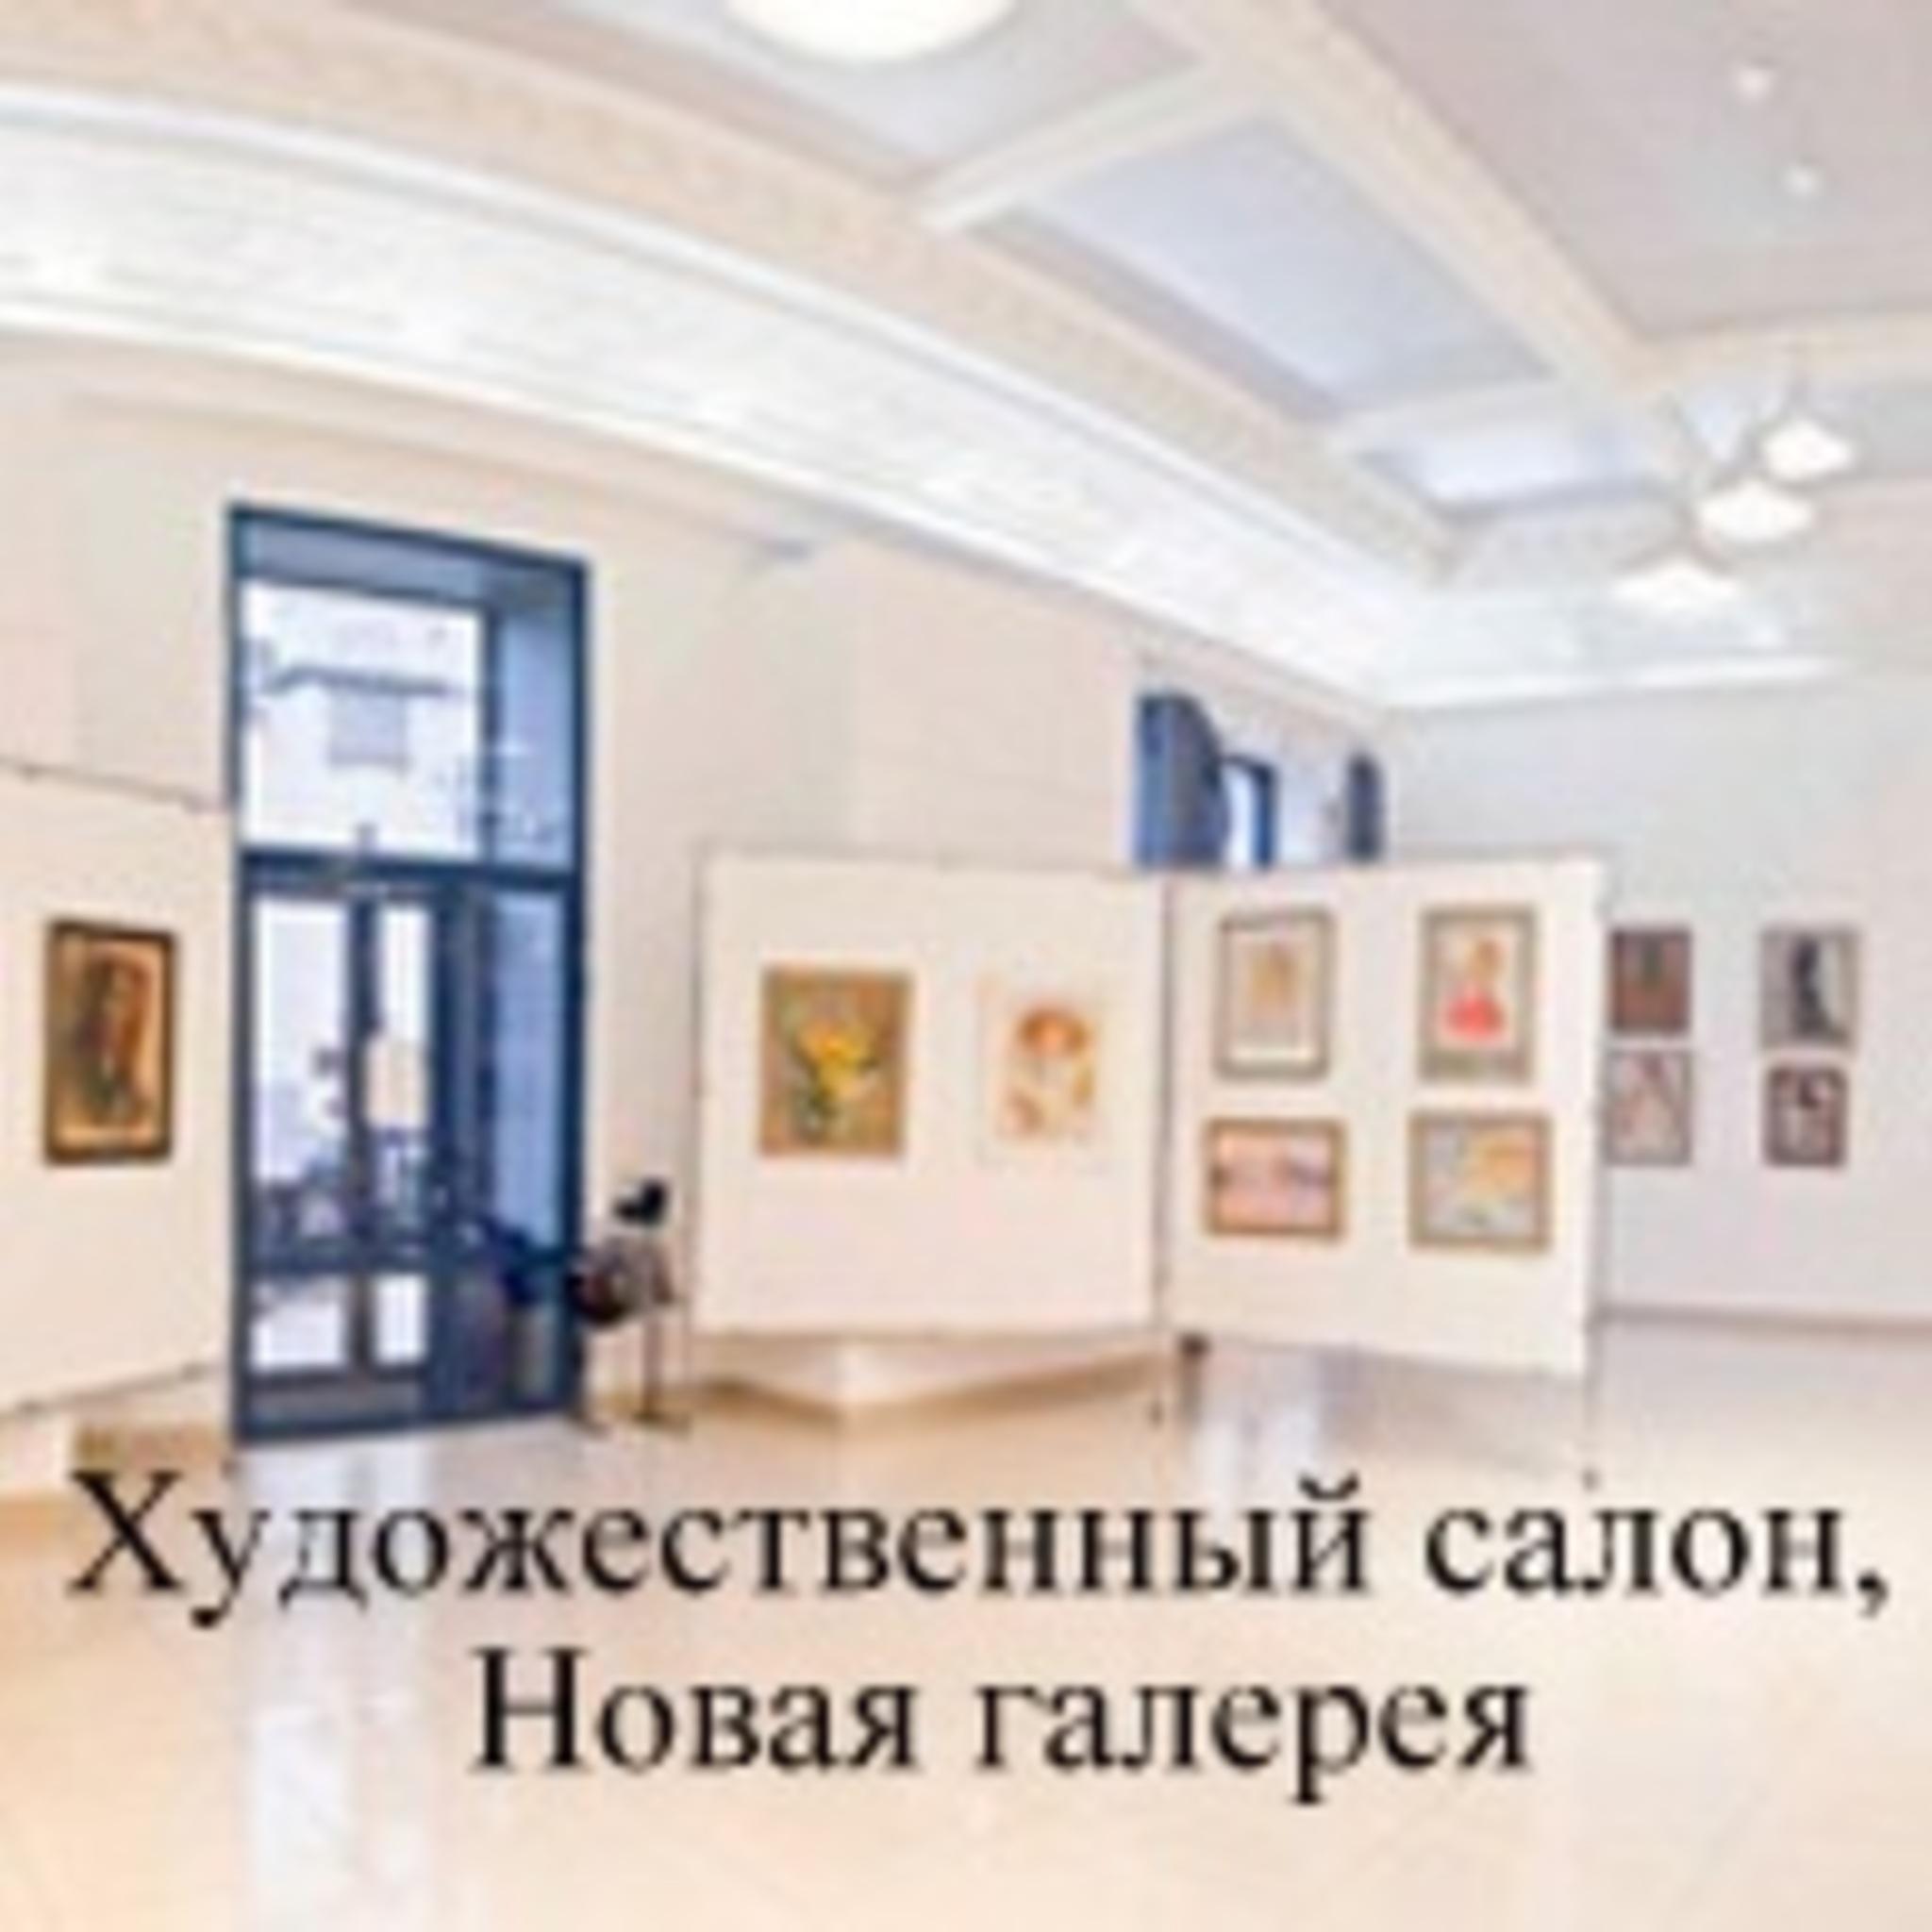 Художественный салон, Новая галерея